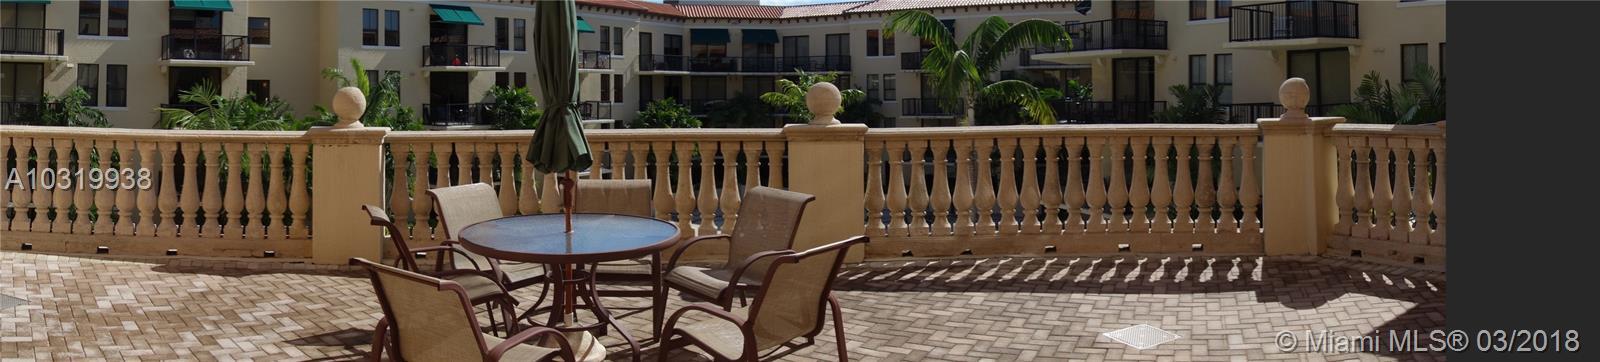 55 Merrick Way #700, Coral Gables FL, 33134